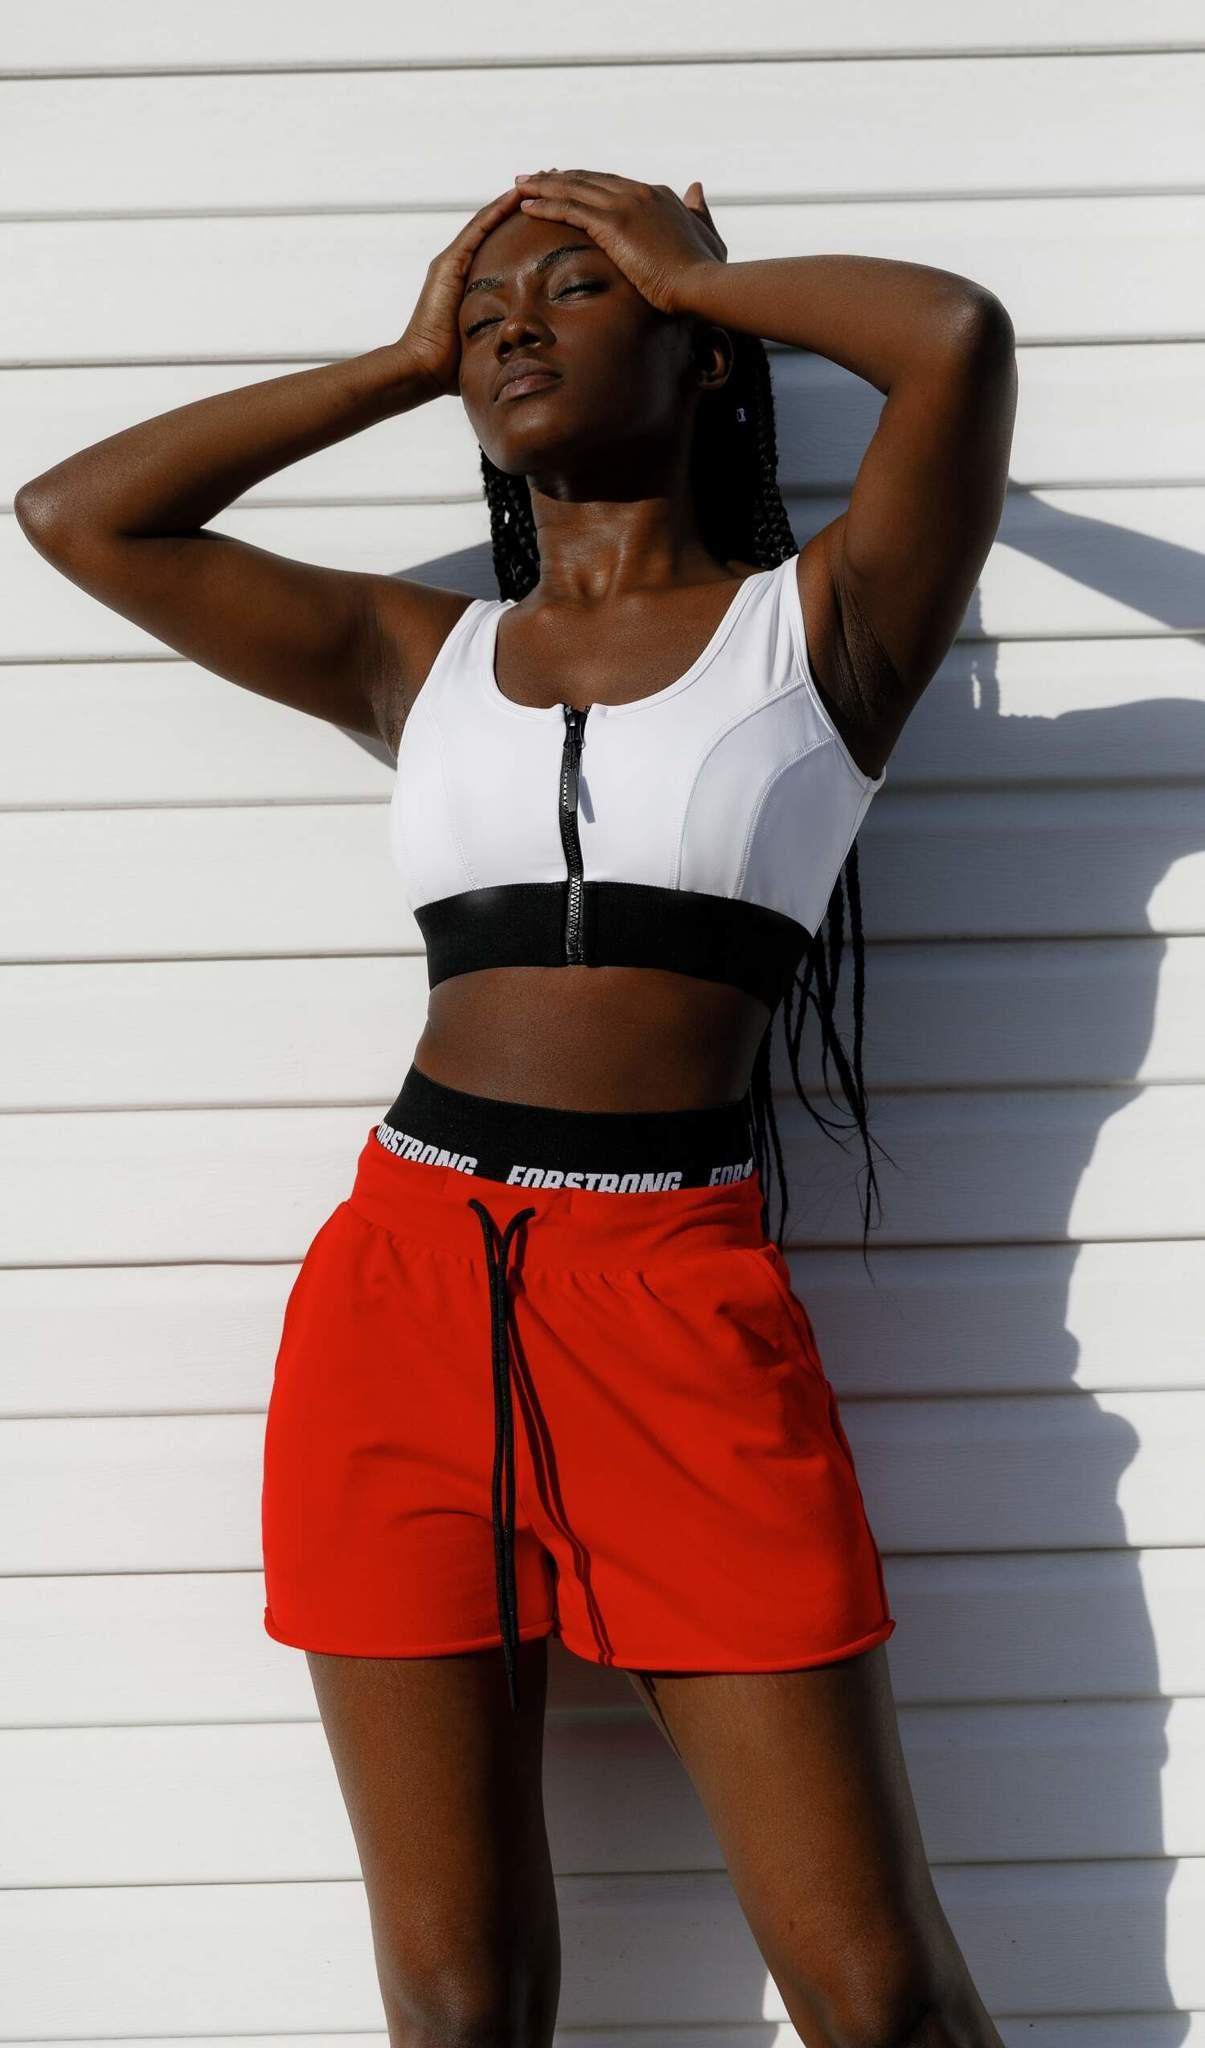 FS Red Forstrong - шорты для танцев, фитнеса и активного отдыха